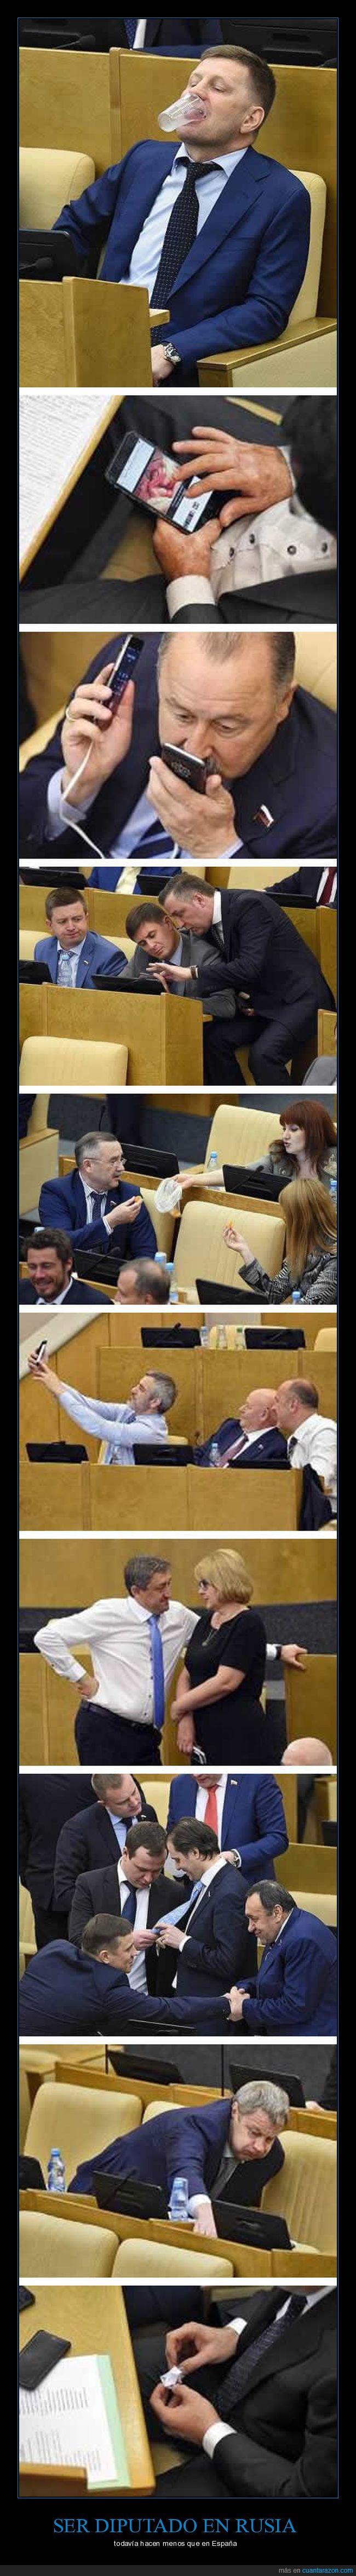 conferenciante,hacer,rusia